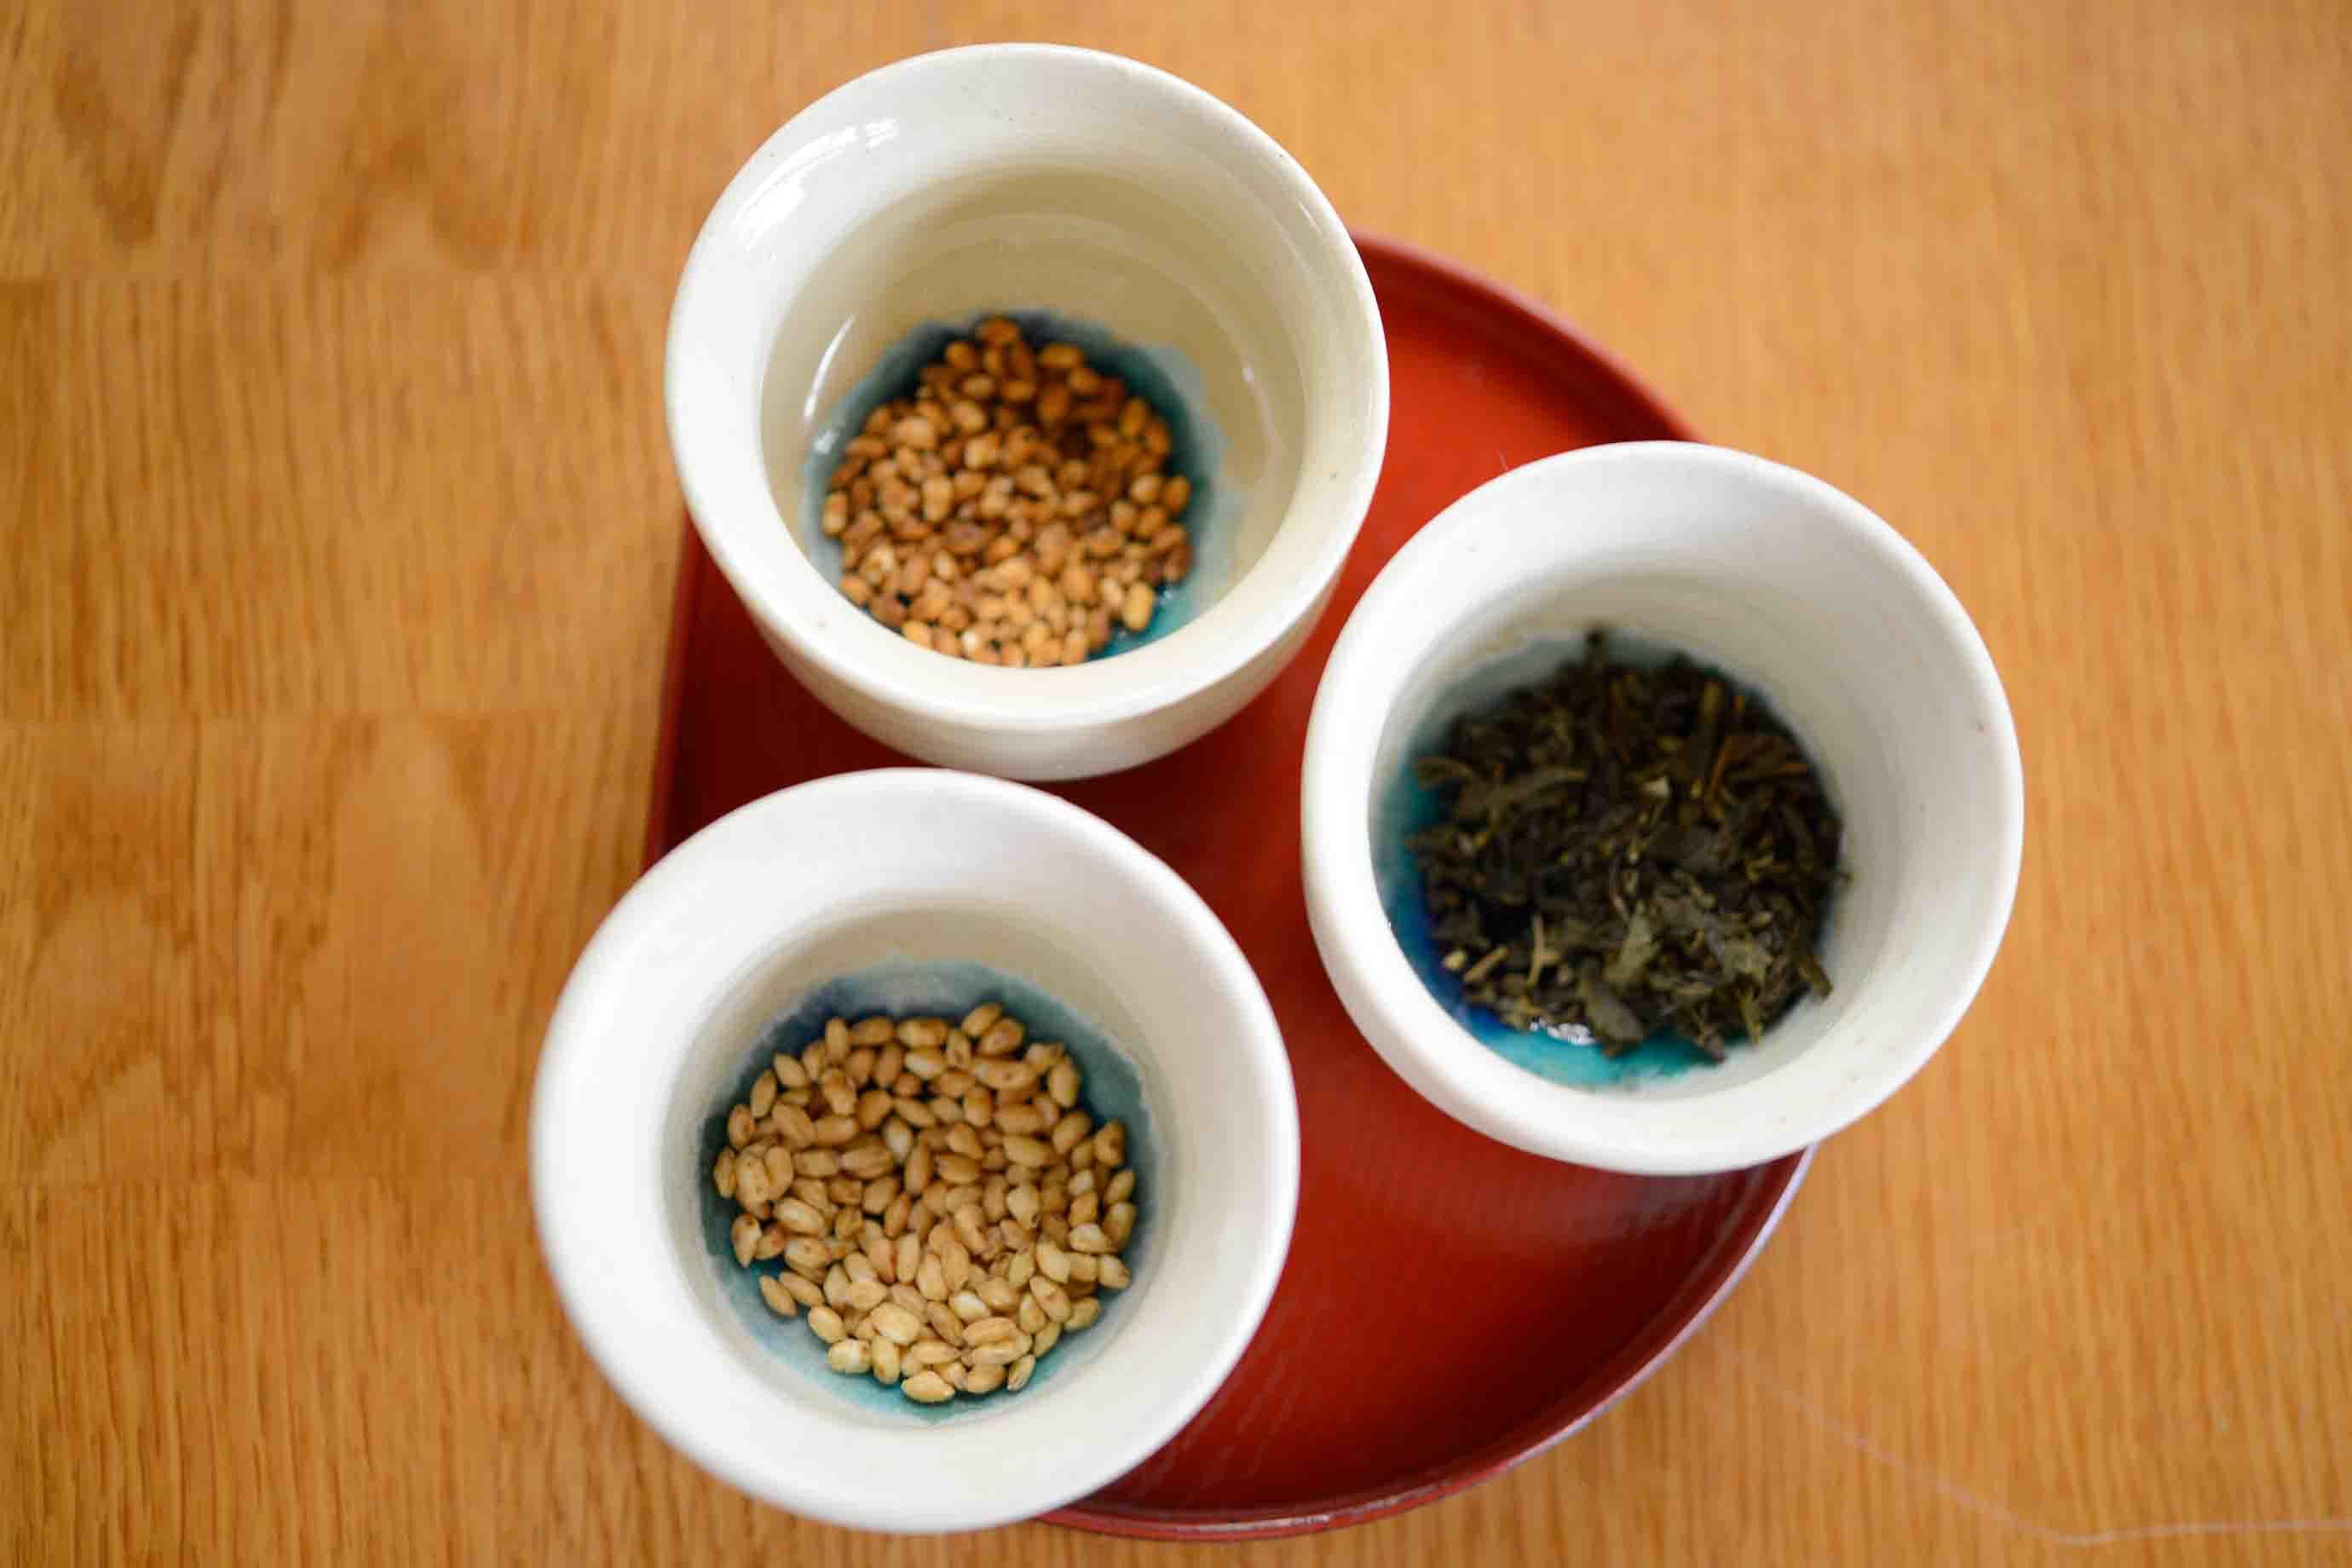 左上から、煎った玄米、さんぴん茶 (ジャスミン) 、煎った白米